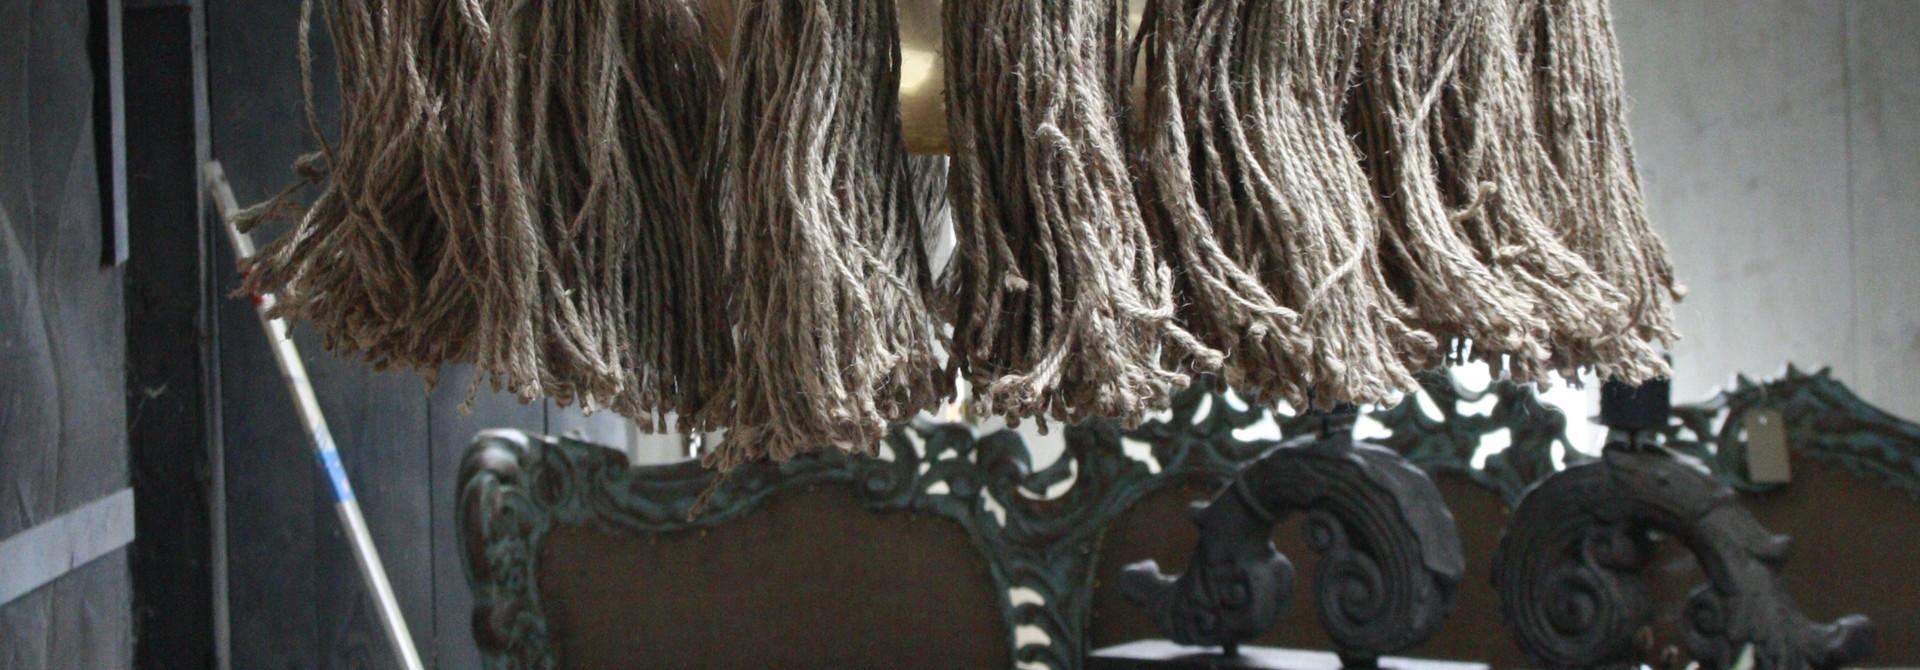 Hanglamp Adonia Kwast Naturel 57x31 cm